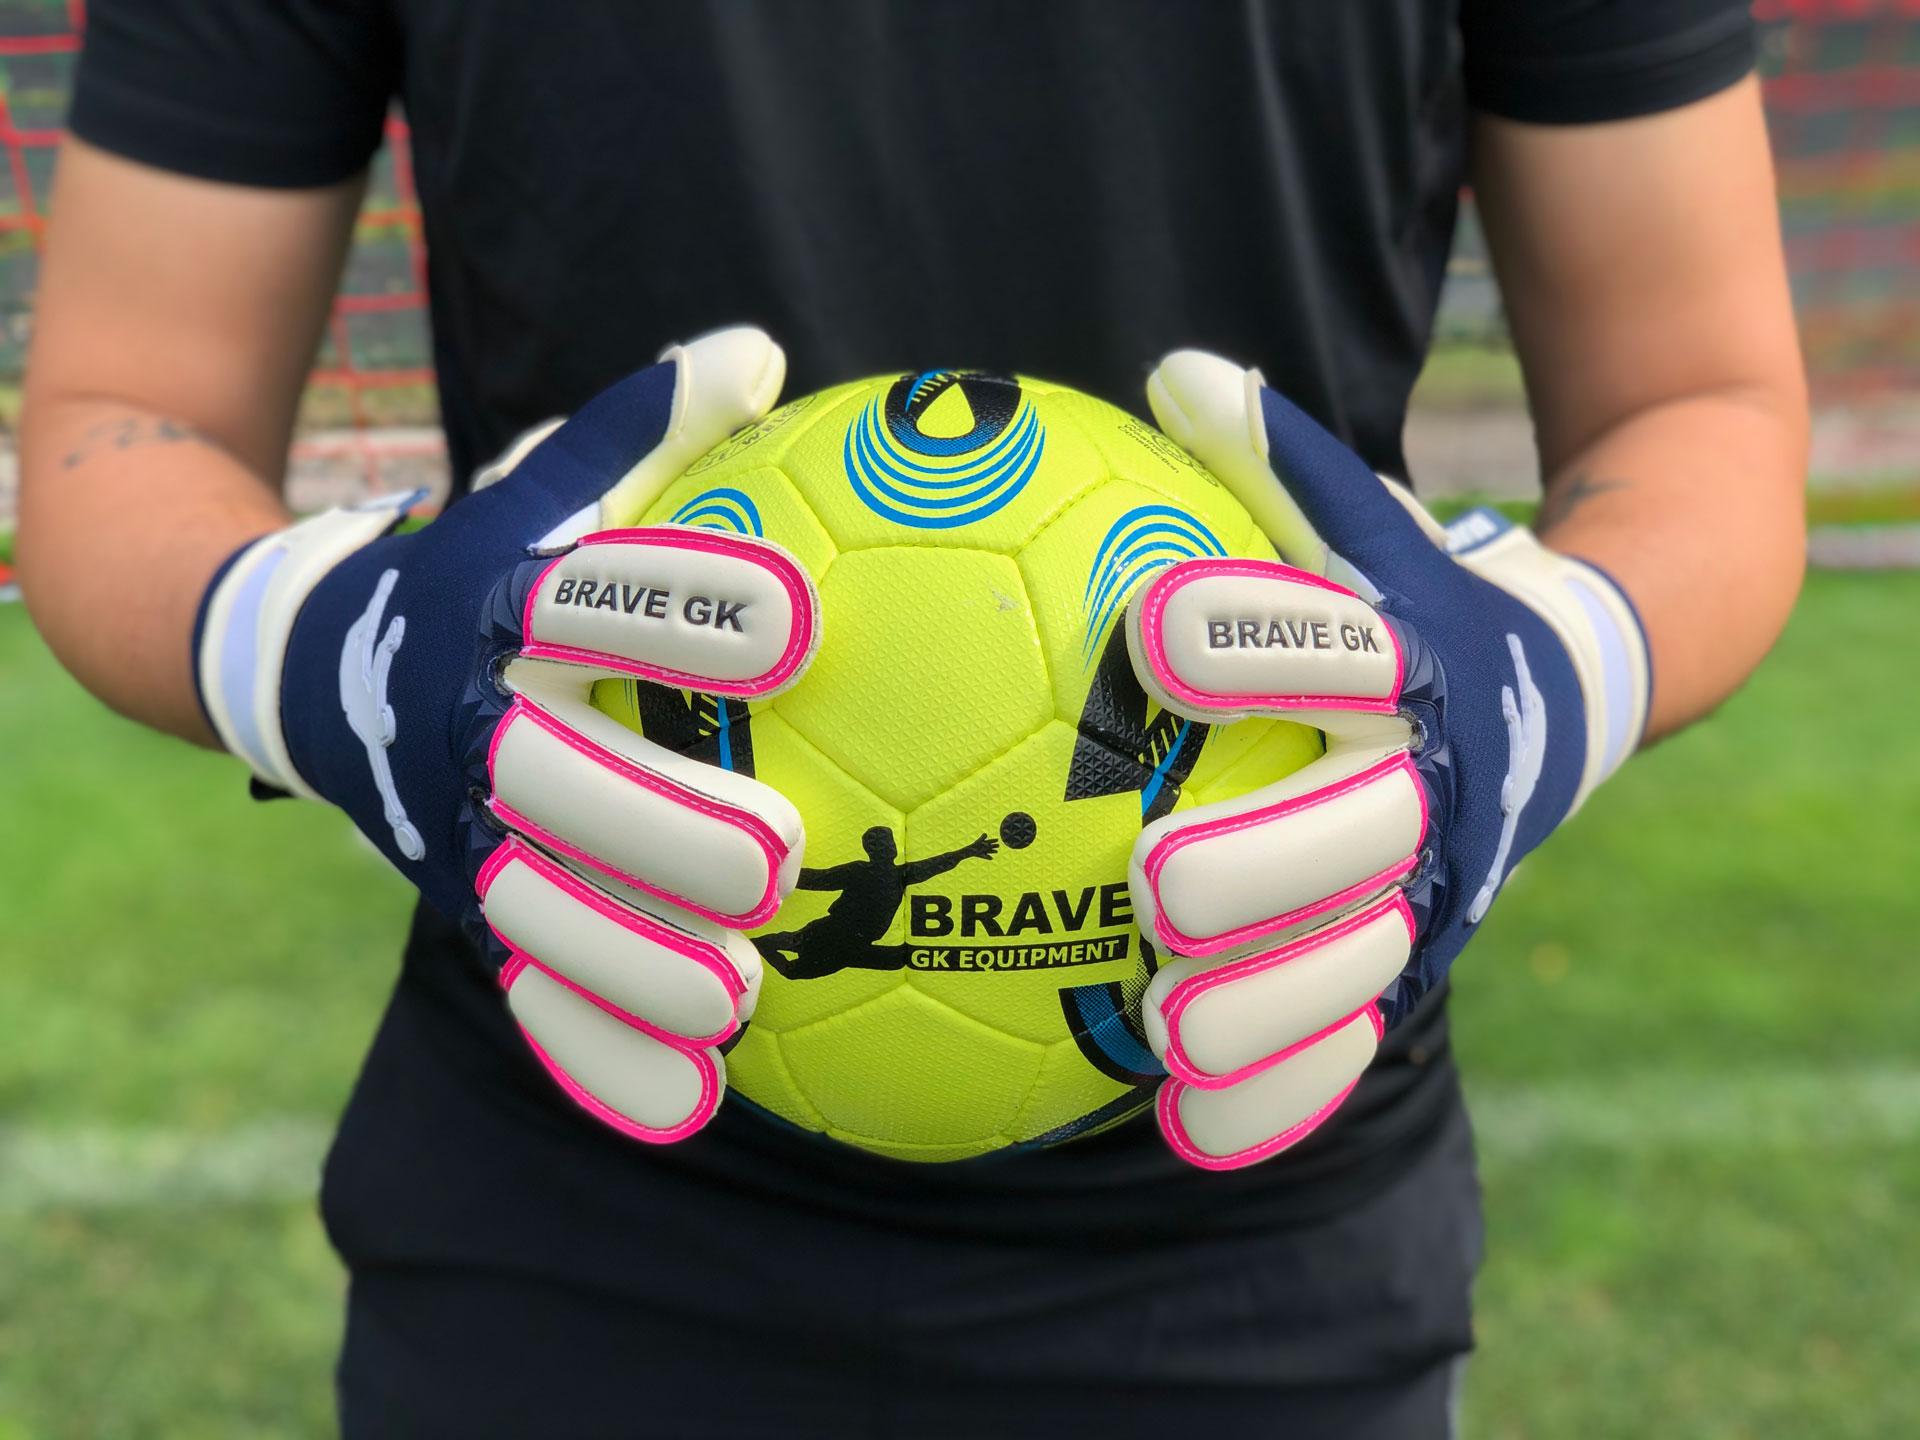 Вратарские перчатки Brave GK PT UNIQUE-официальный интернет магазин Brave GK